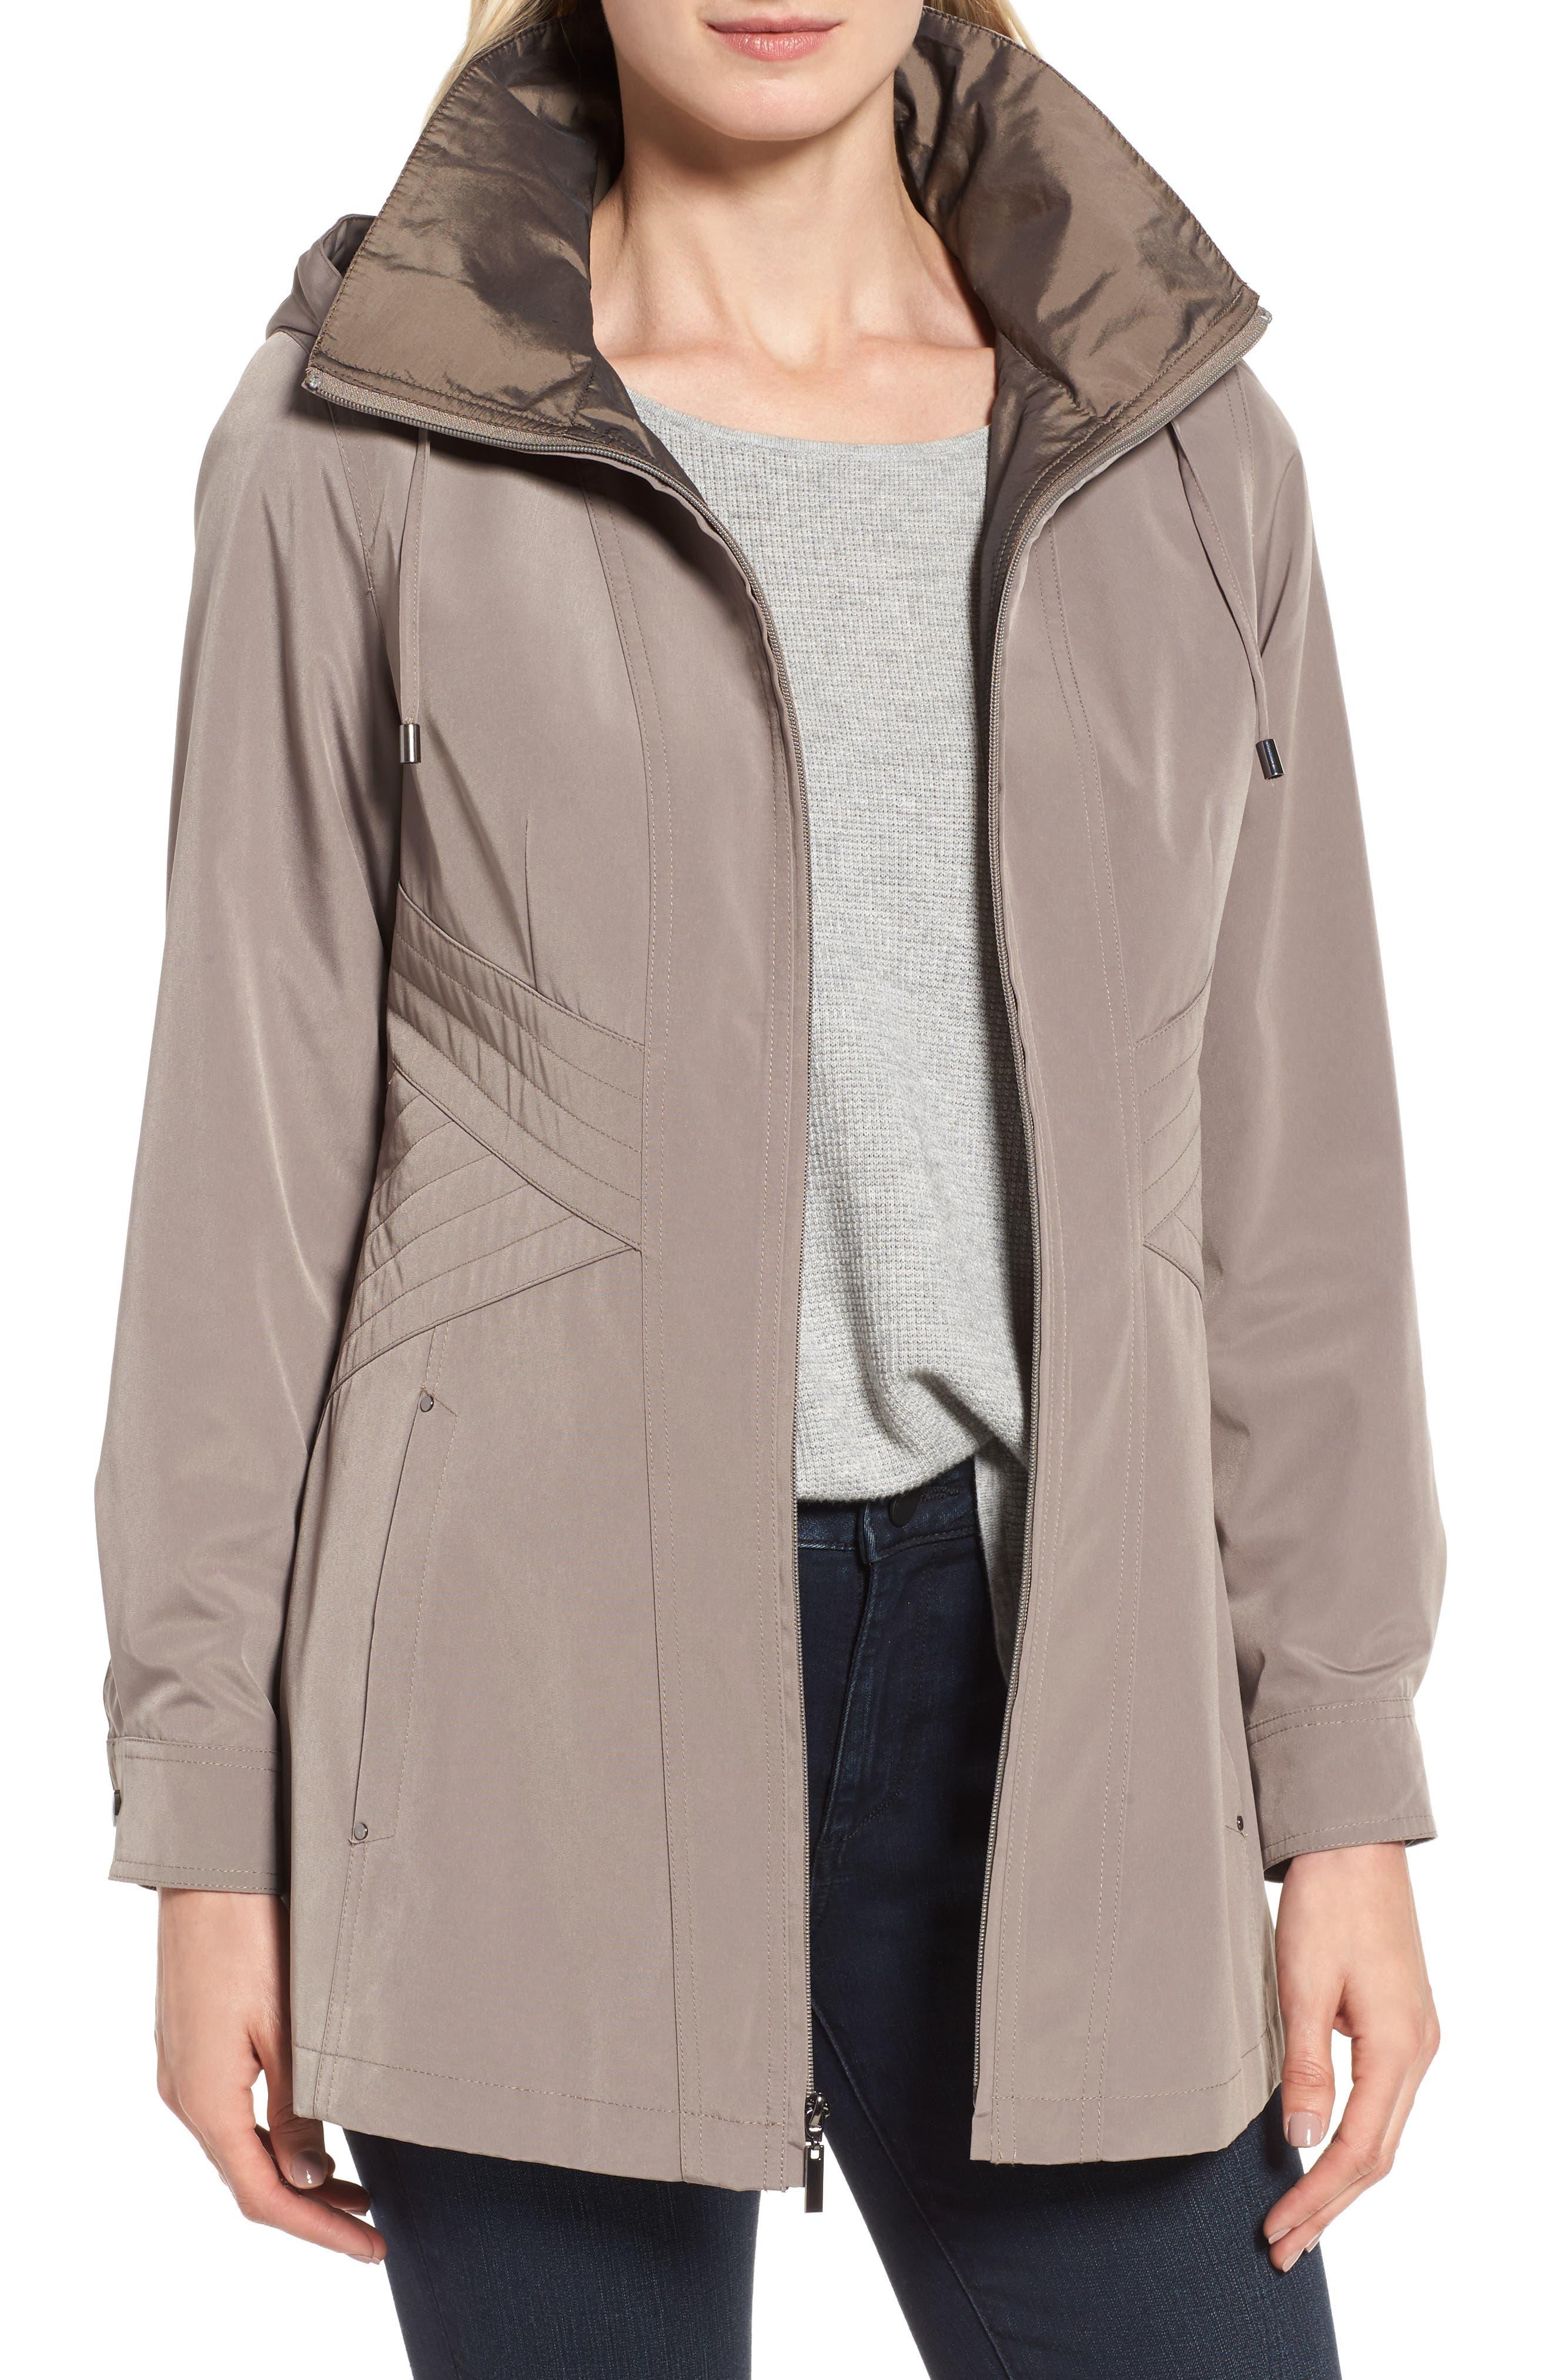 Main Image - Gallery Two-Tone Long Silk Look Raincoat (Regular & Petite)